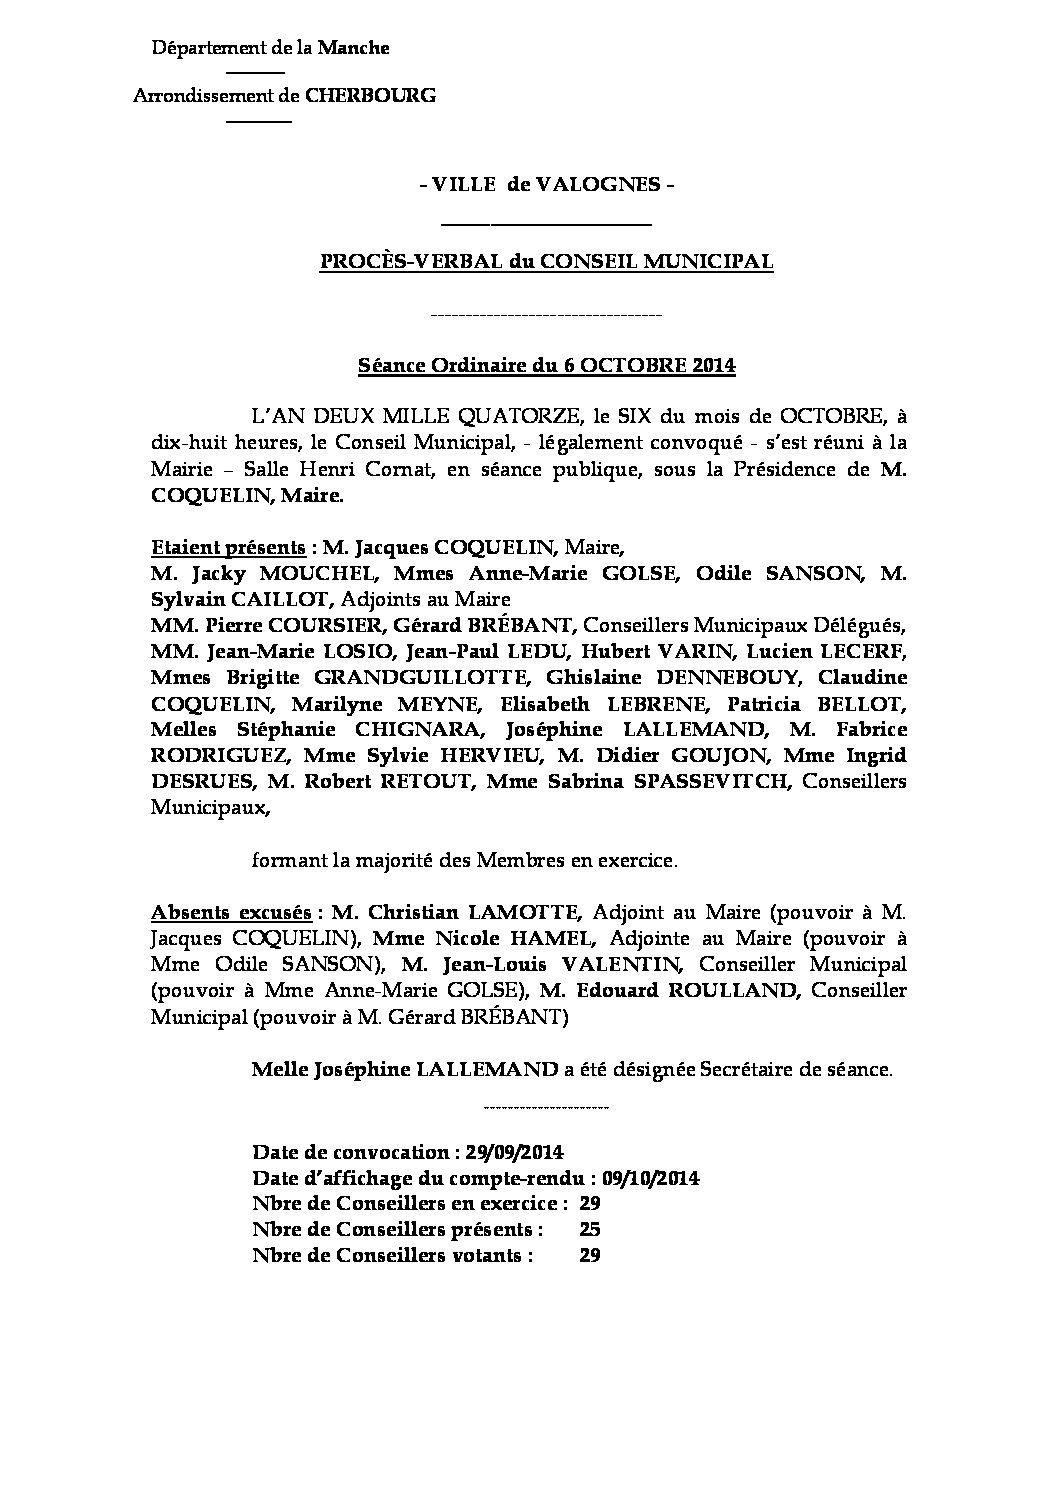 Procès-verbal du 06-10-2014 - Procès-verbal de la réunion du Conseil Municipal du lundi 6 octobre 2014, approuvé lors de la séance du 1er décembre.